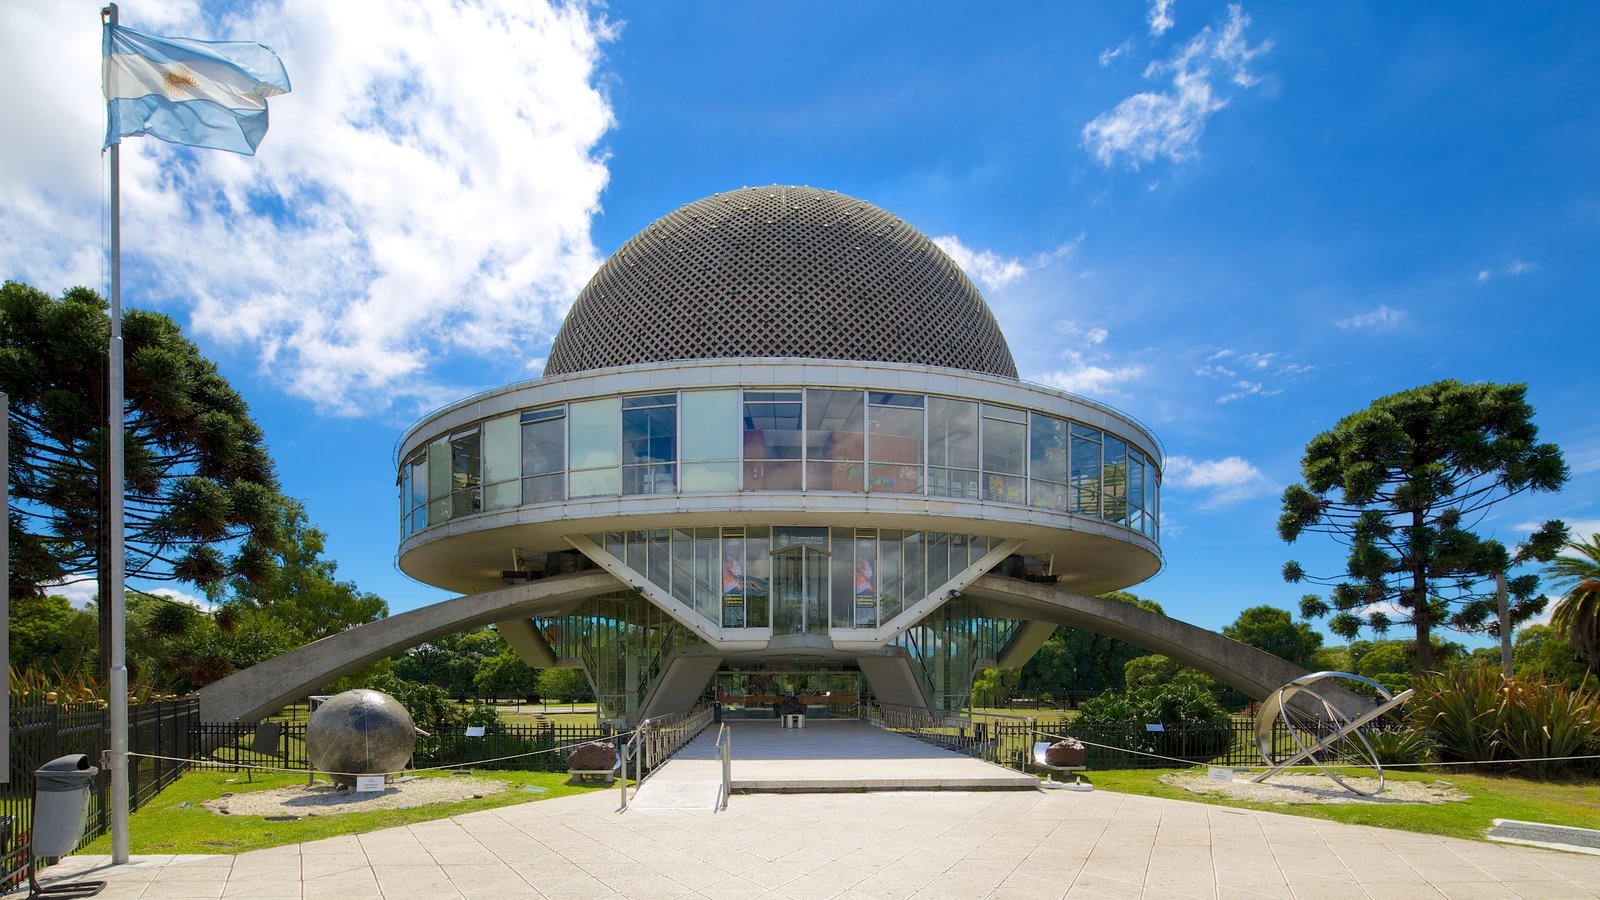 Buenos Aires que inclui arquitetura moderna e um observatório